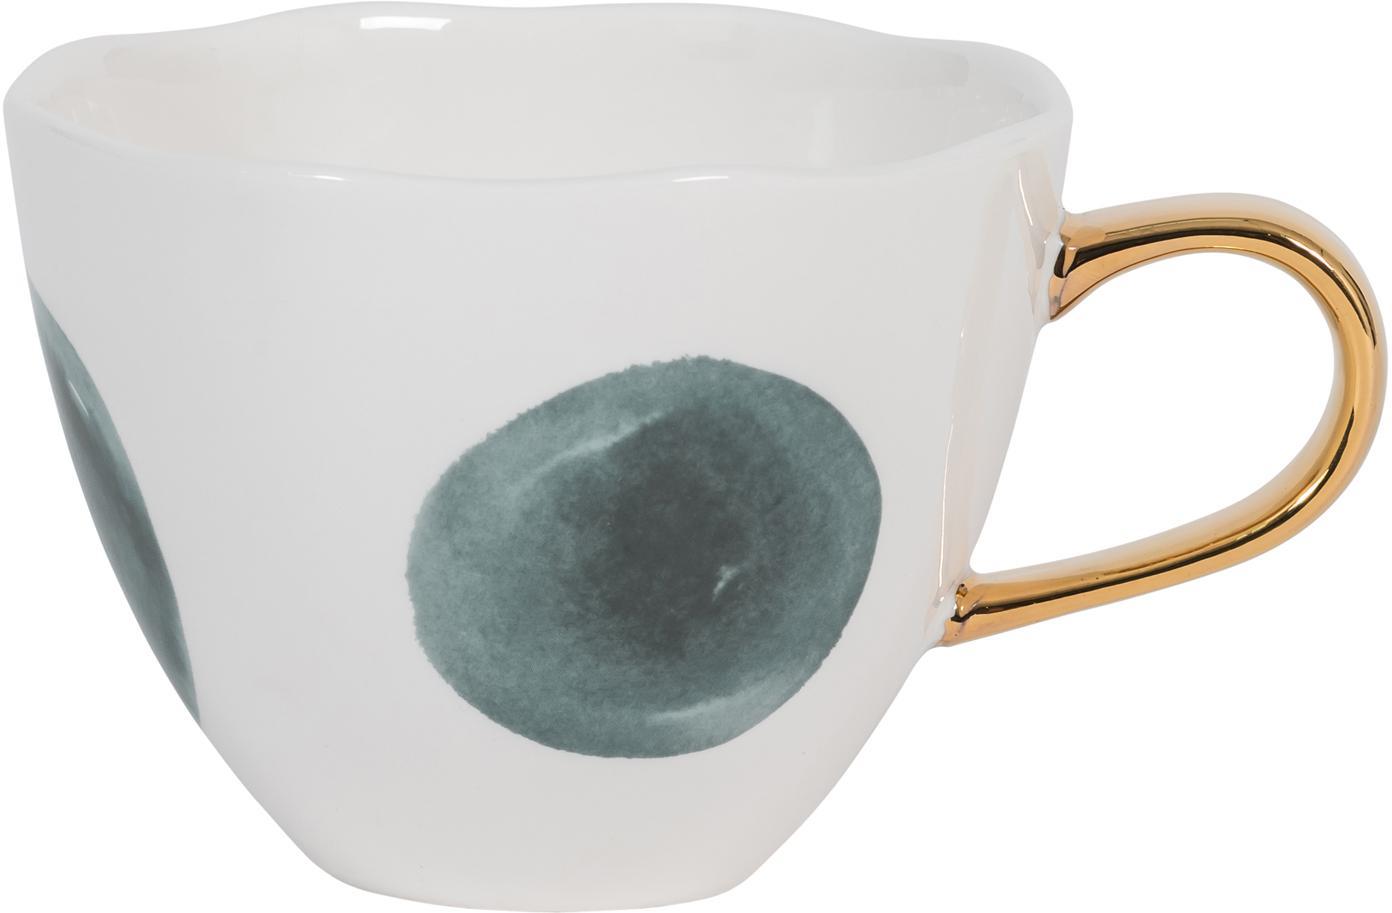 Gepunktete Tasse Good Morning mit goldenem Griff, Steingut, Weiss, Blau, Ø 11 x H 8 cm